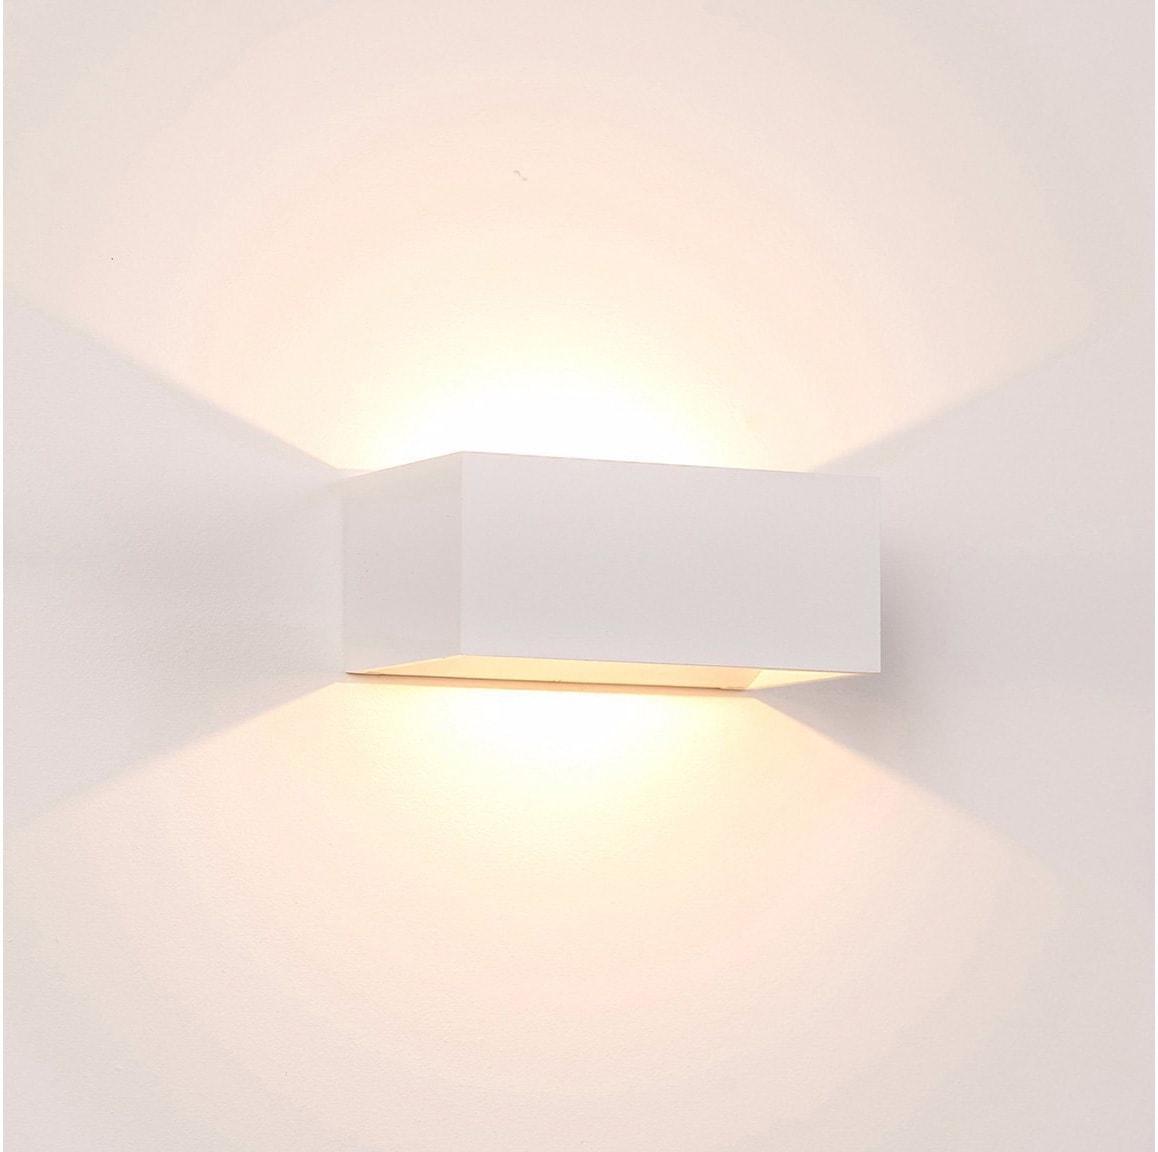 Havit Lighting LED Außen-Wandleuchte MIA, 1 St., Warmweiß